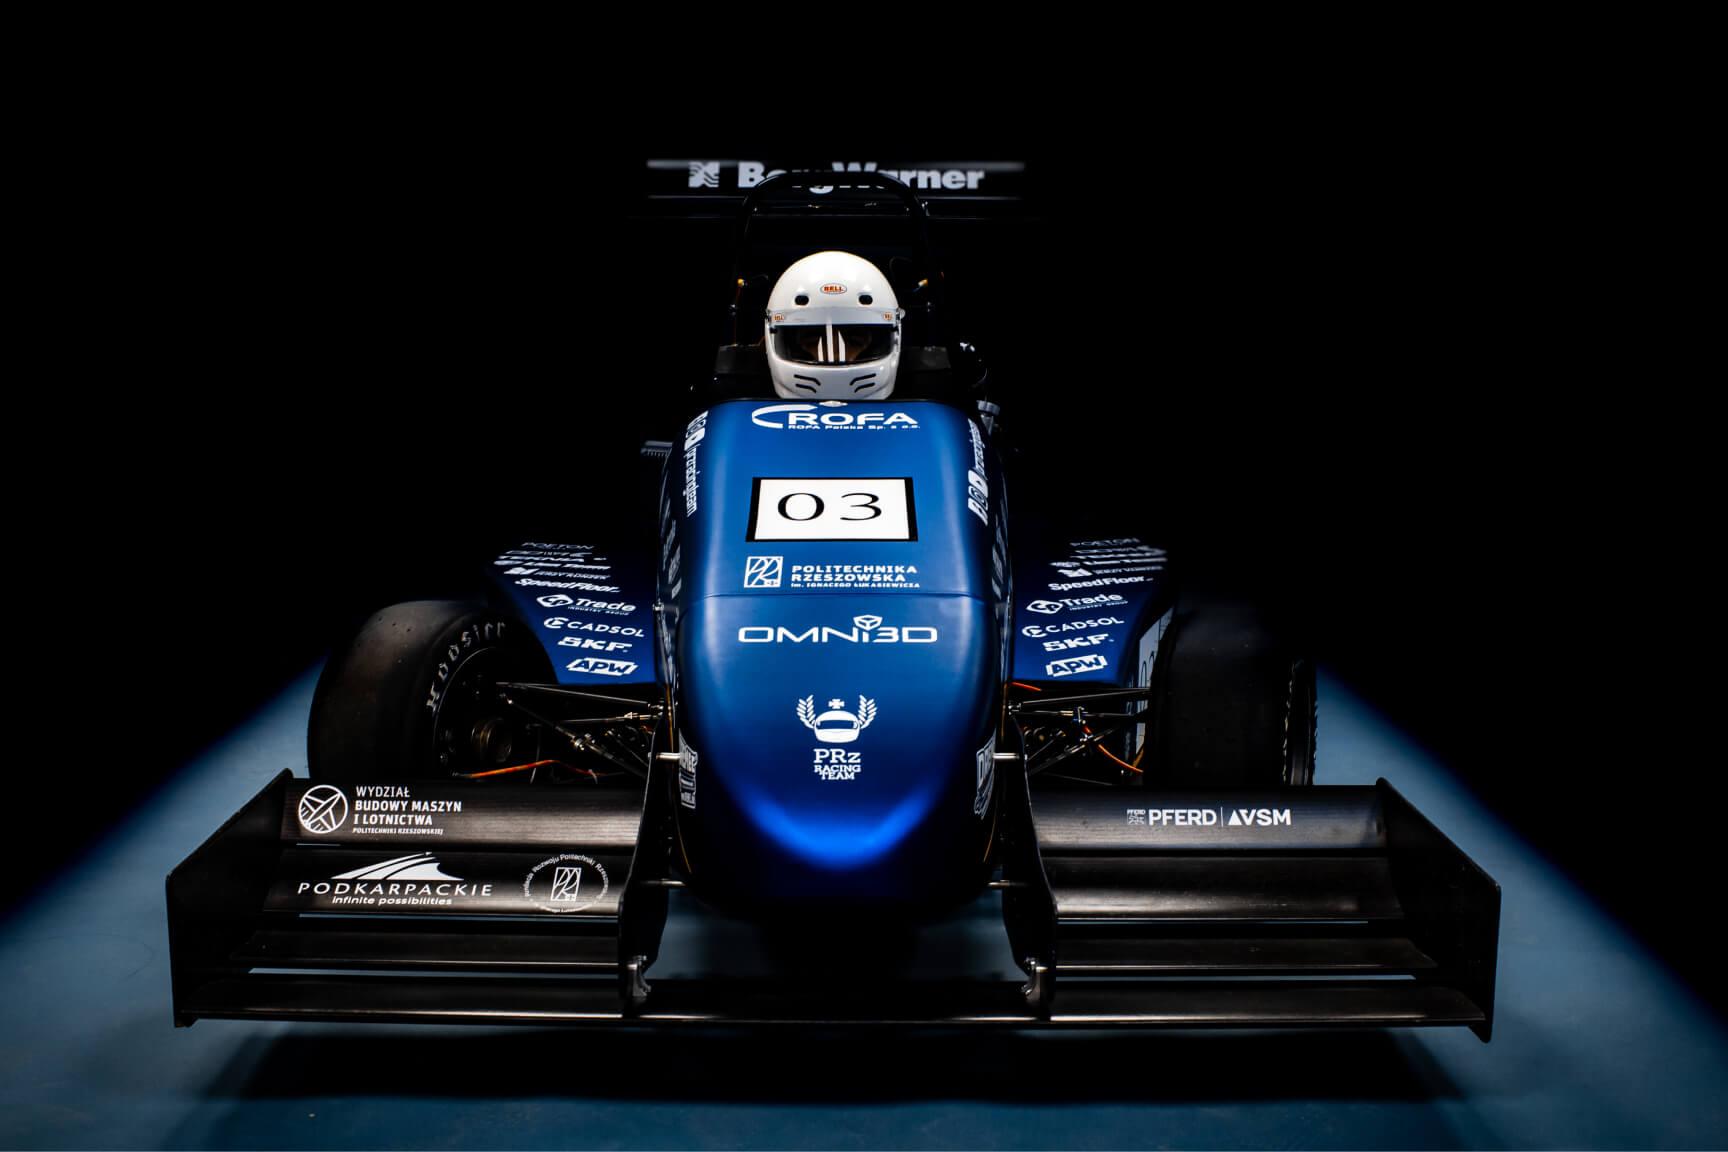 PMT-03 race car